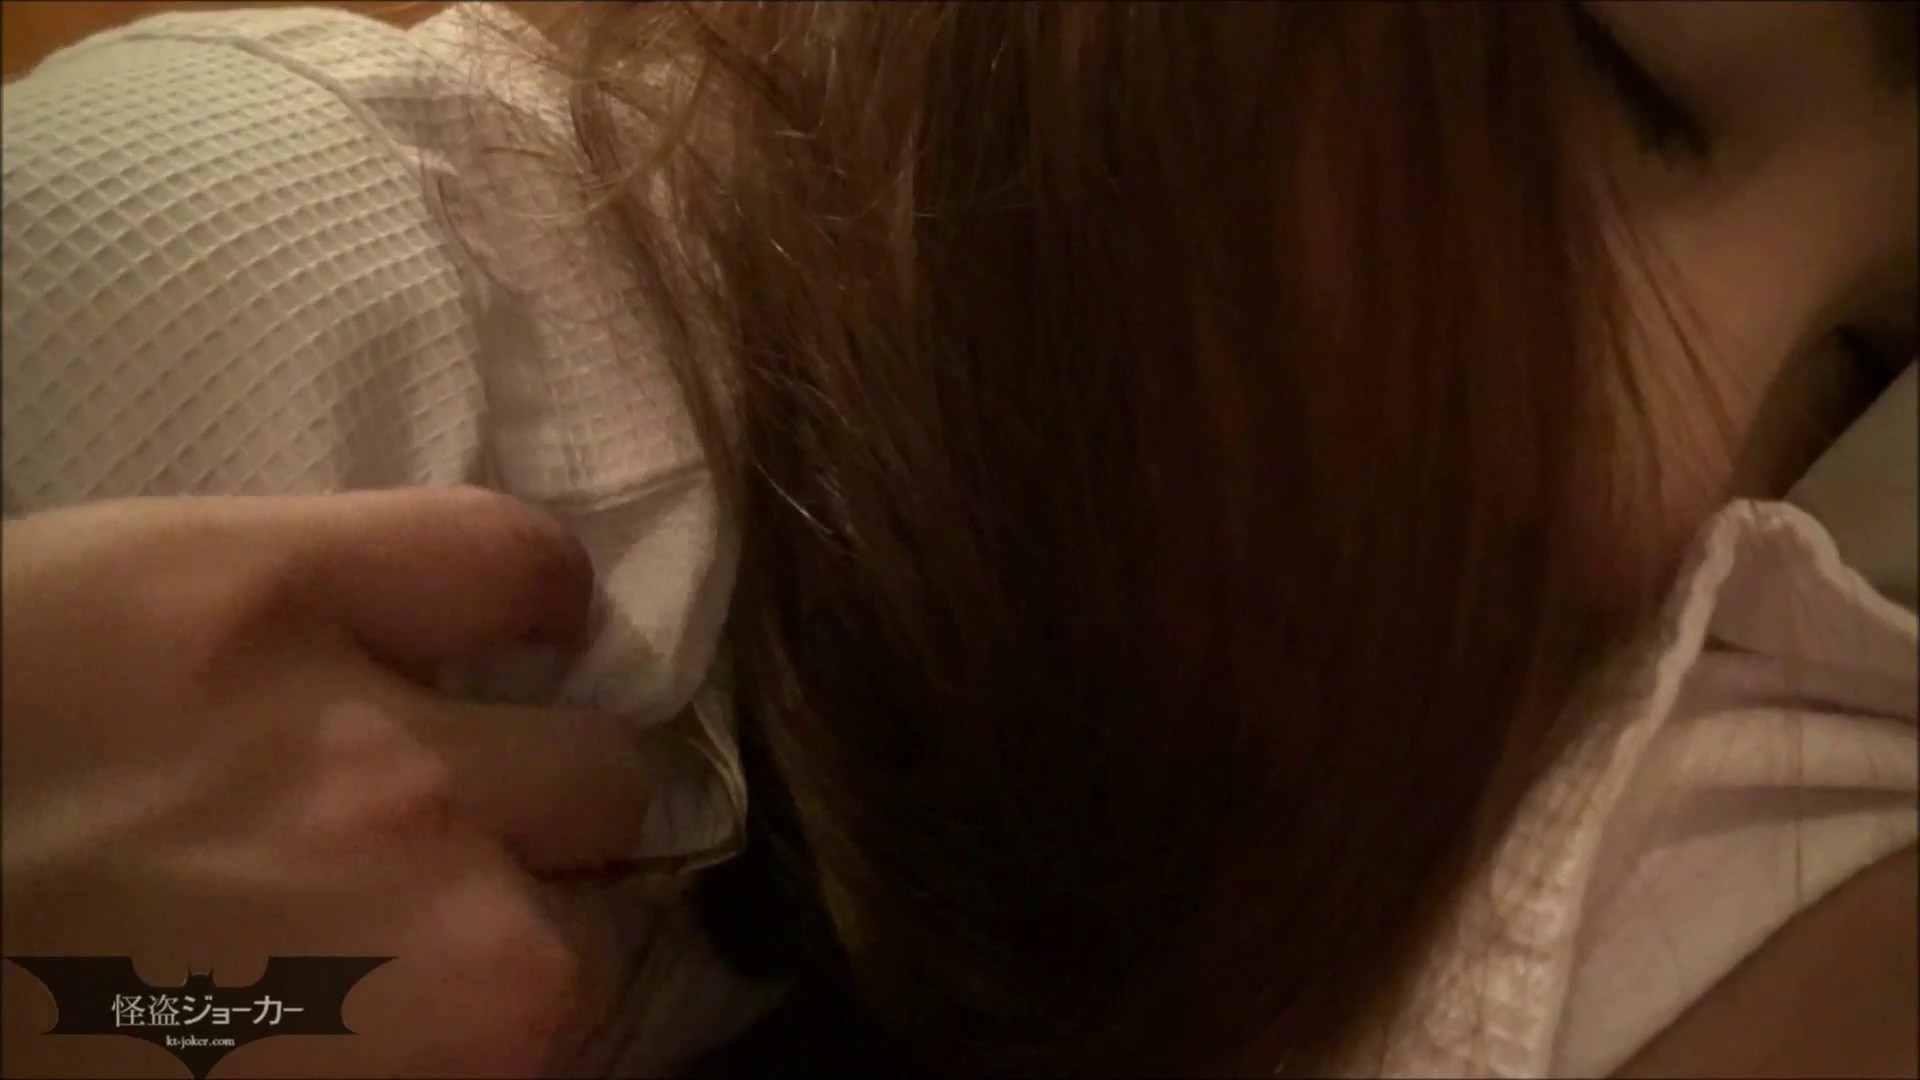 【未公開】vol.102 {雛形さん似の保育園の先生}アキコちゃん② お姉さん攻略 ヌード画像 88画像 13